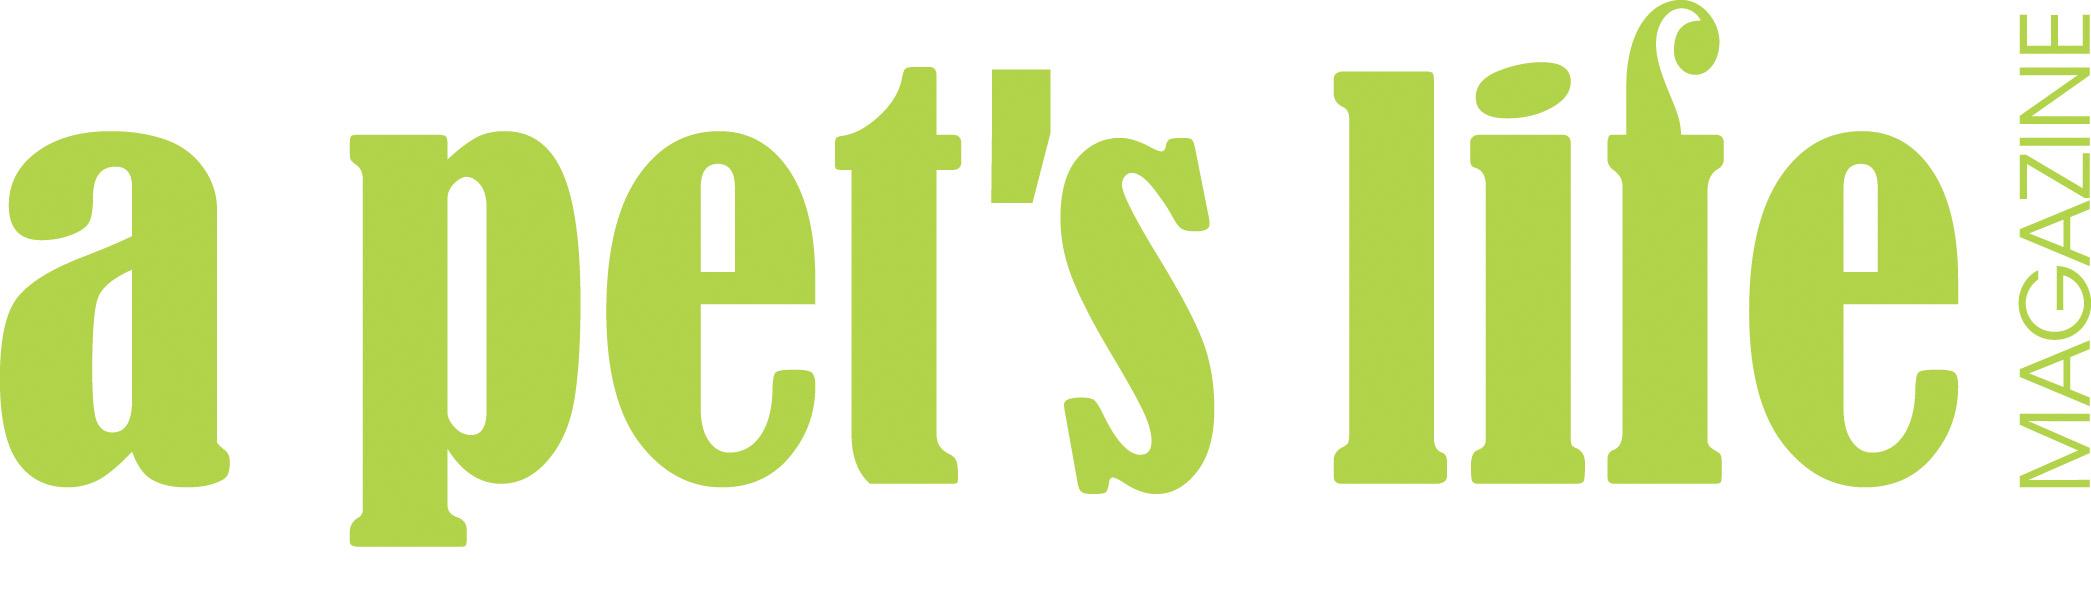 apl logo 2019 (1).jpg